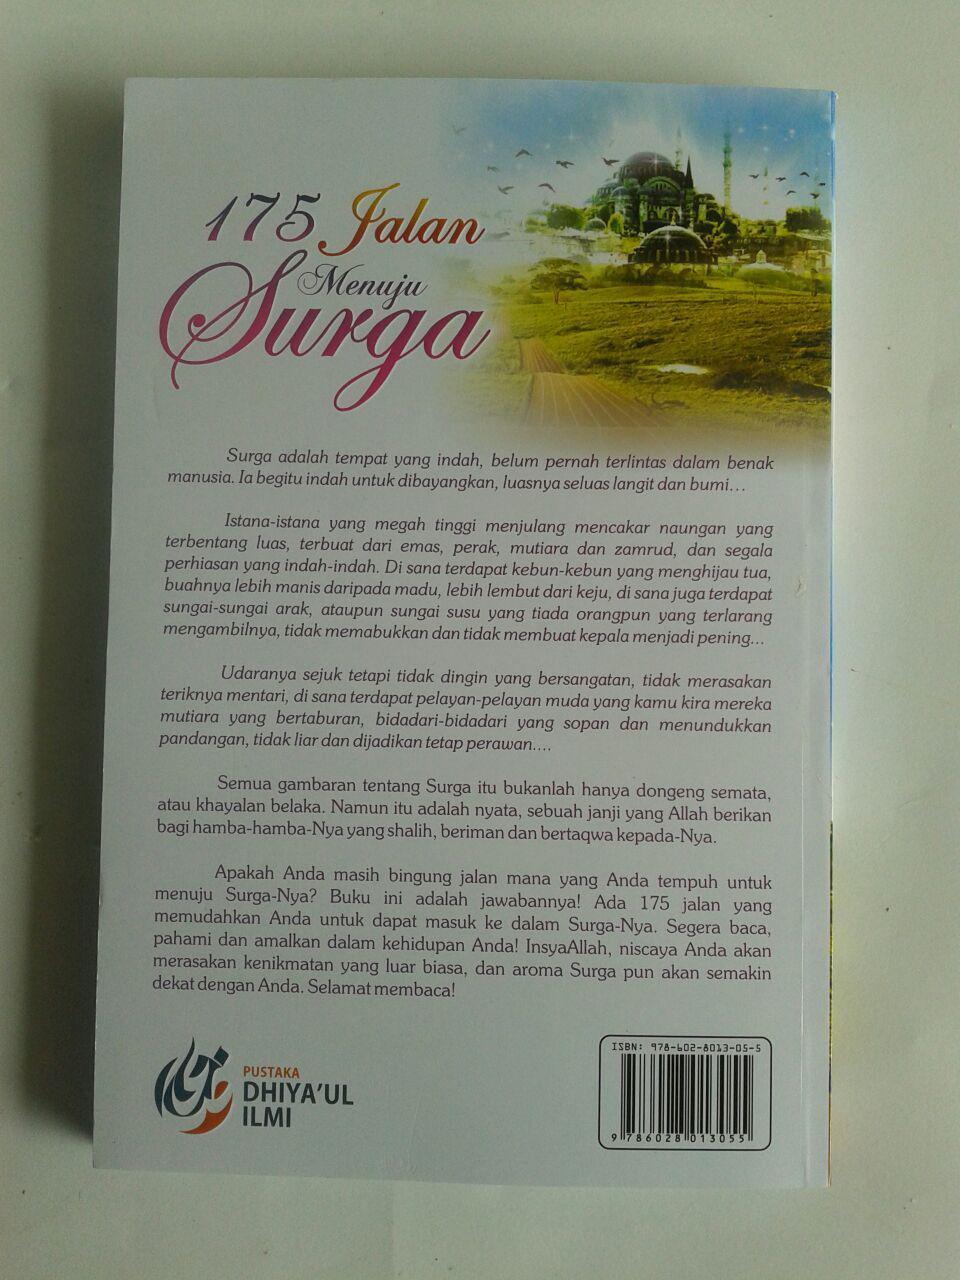 Buku 175 Jalan Menuju Surga cover 2